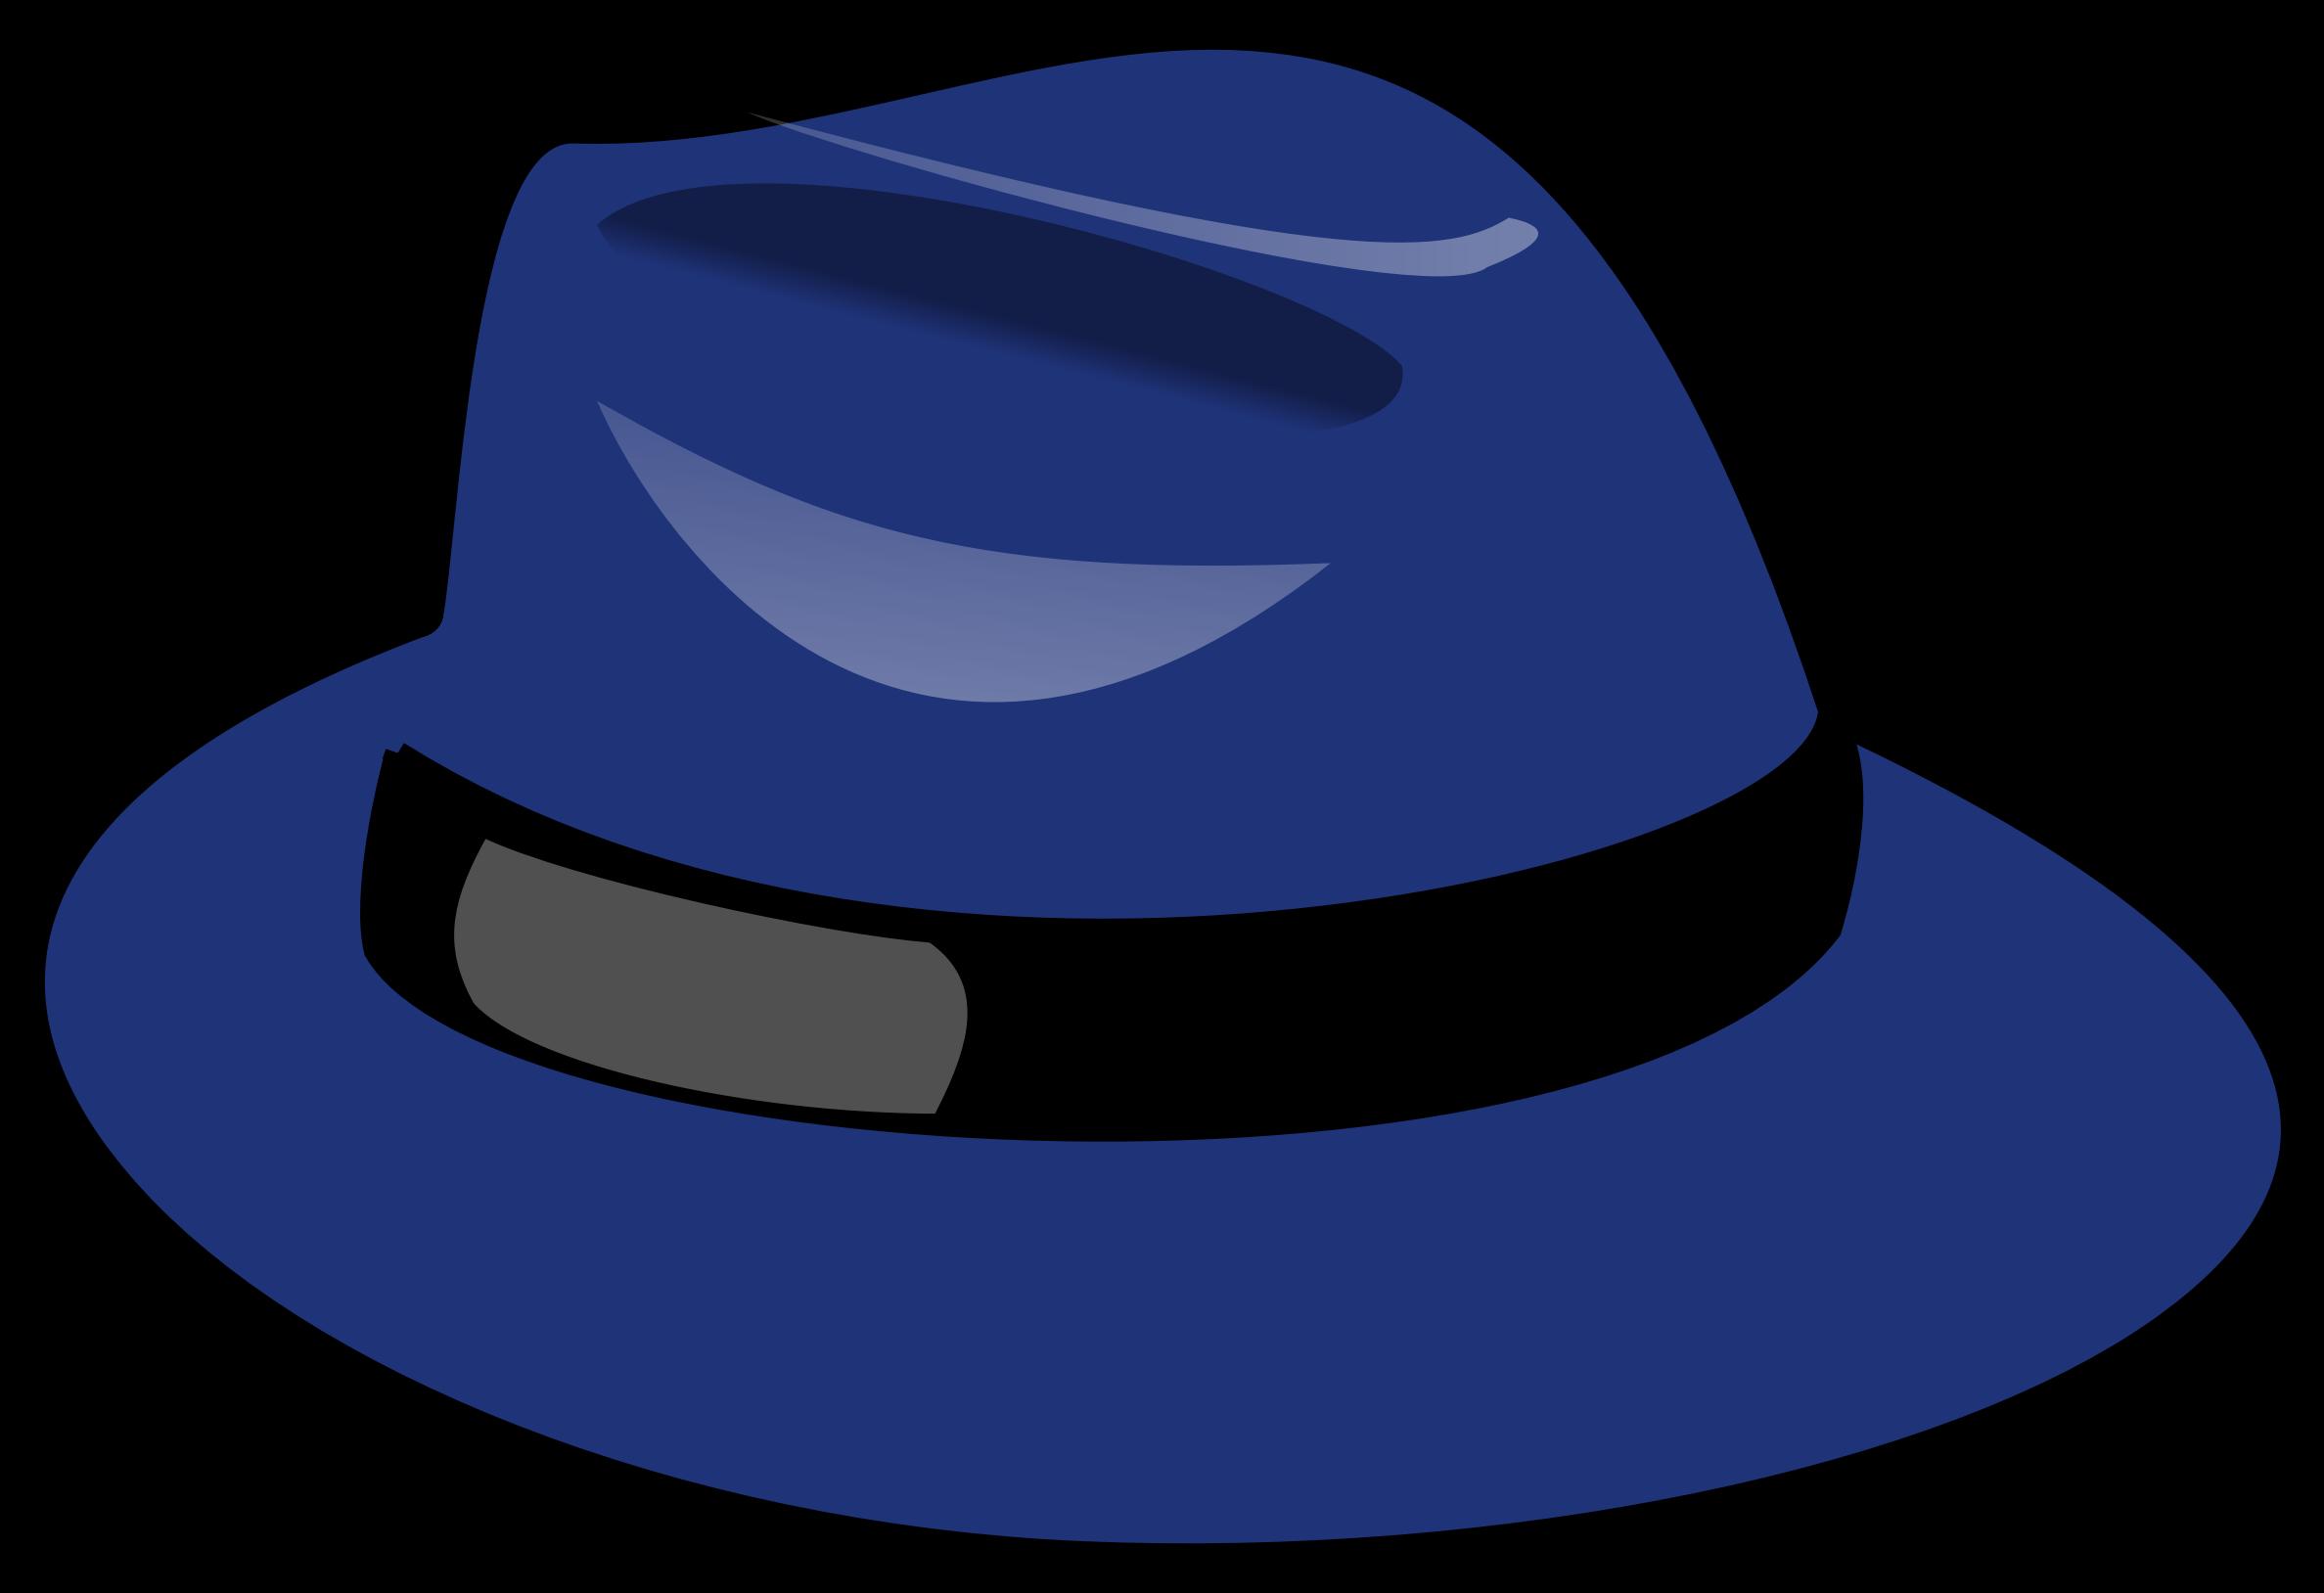 Fedora clipart fadora. Blue big image png